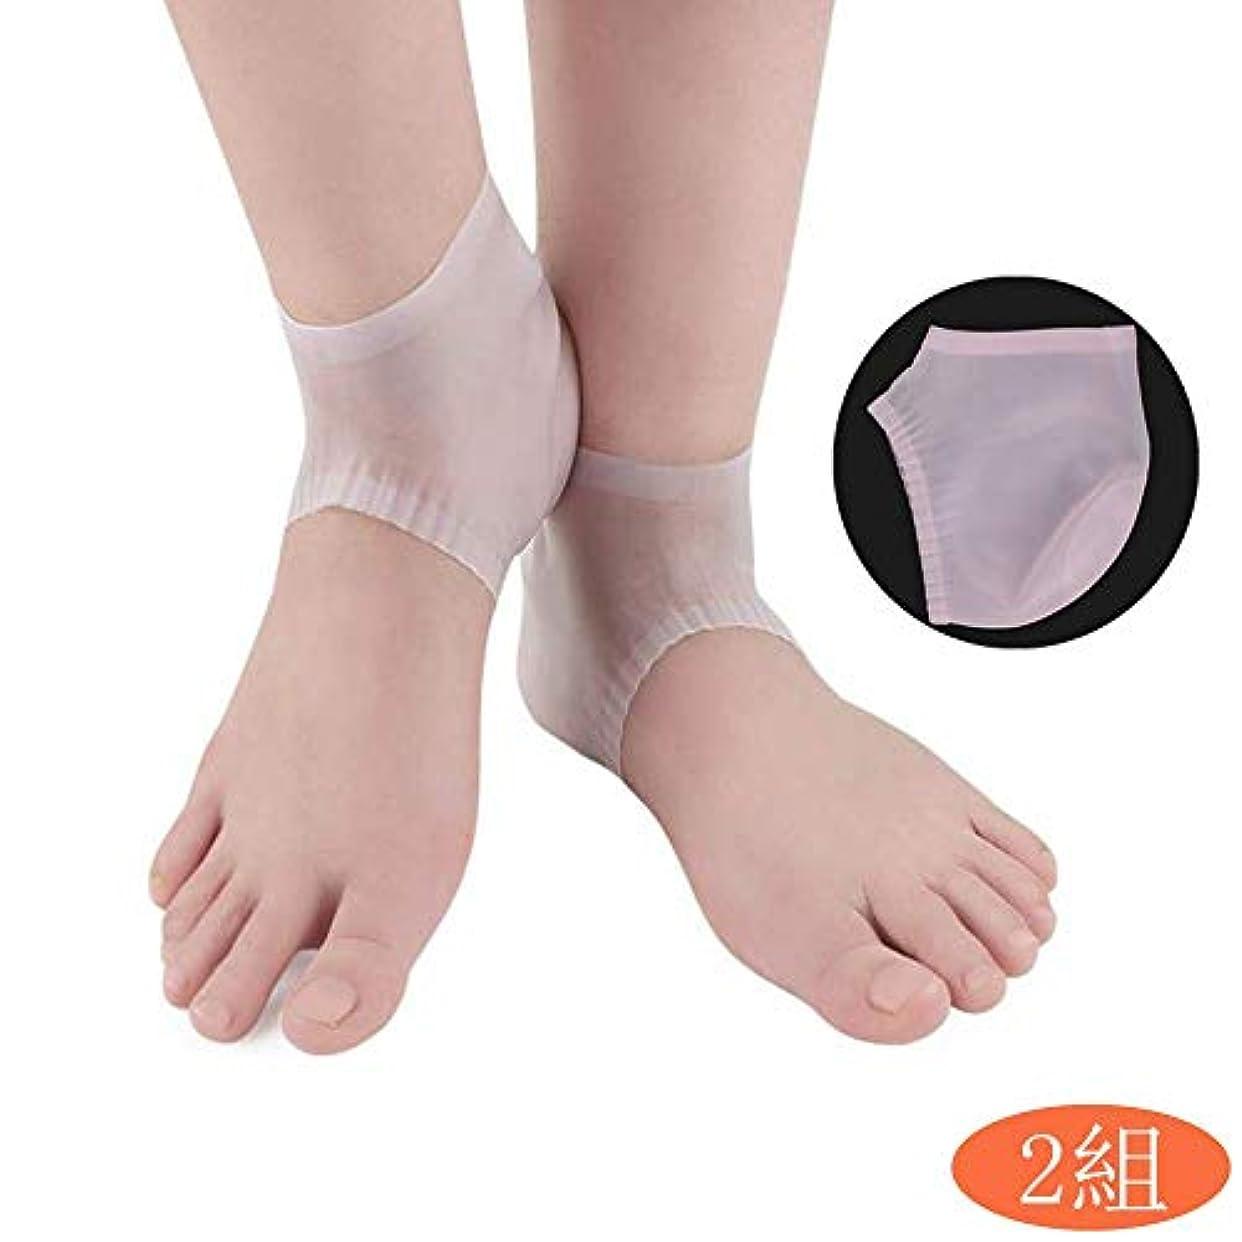 回転するアリスバイナリかかと保護カバー 靴ずれ防止 足底筋膜炎 踵 かかとサポーター 足裏サポート 足裂防止 ひび割れ防止 痛みを緩和 衝撃吸収 美足 足クッション 男女兼用(2組)